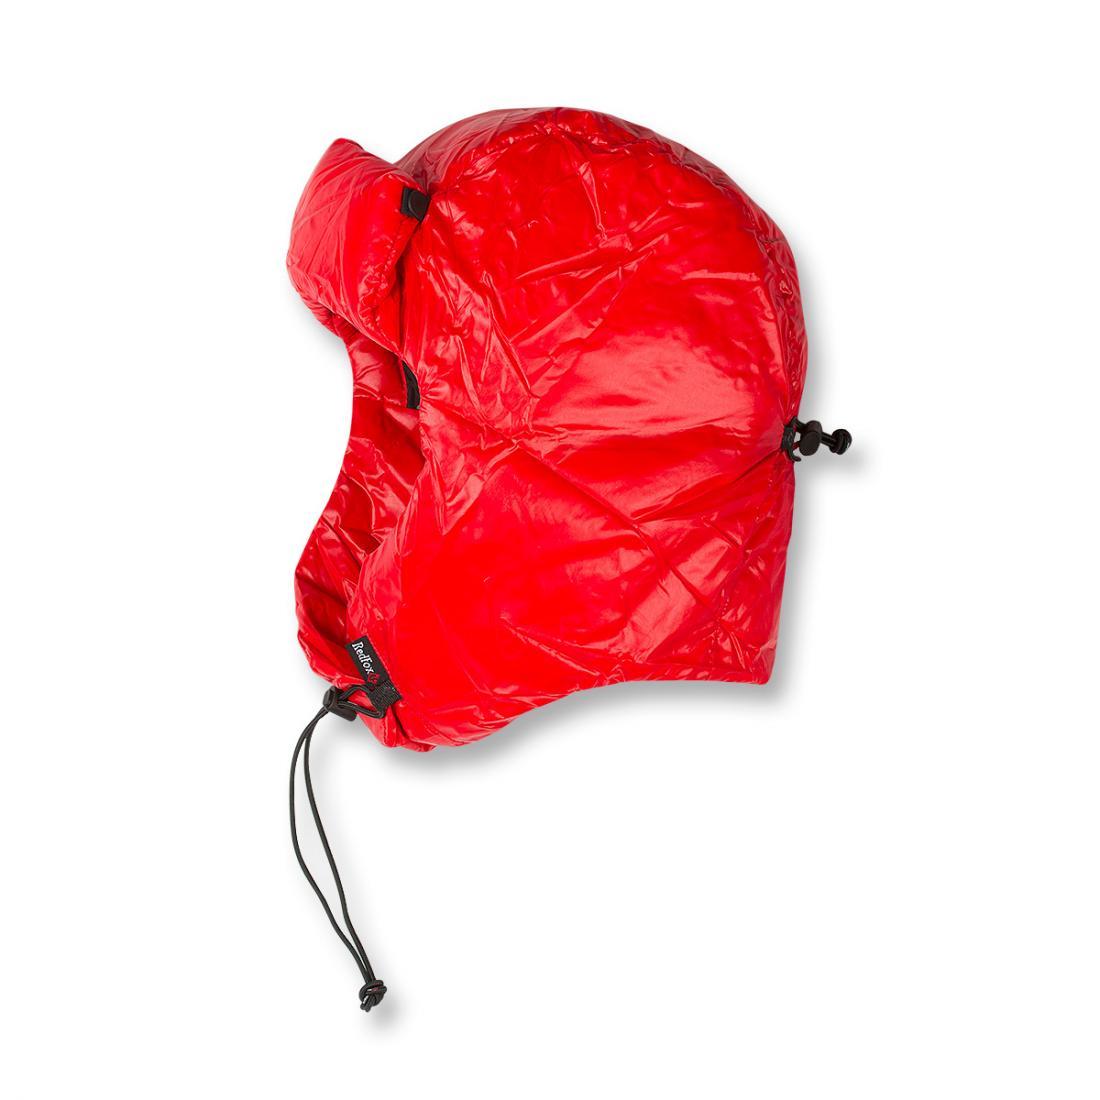 Шапка пуховая ExtractУшанки<br><br> Комфортная пуховая шапка-ушанка для использования в суровых погодных условиях.<br><br><br> <br><br><br>Основное назначение: Любые виды активности в холодную погоду<br>Материал: 100% nylon, 37 g/sqm, DWR<br>Размерный ряд:...<br><br>Цвет: Красный<br>Размер: 58